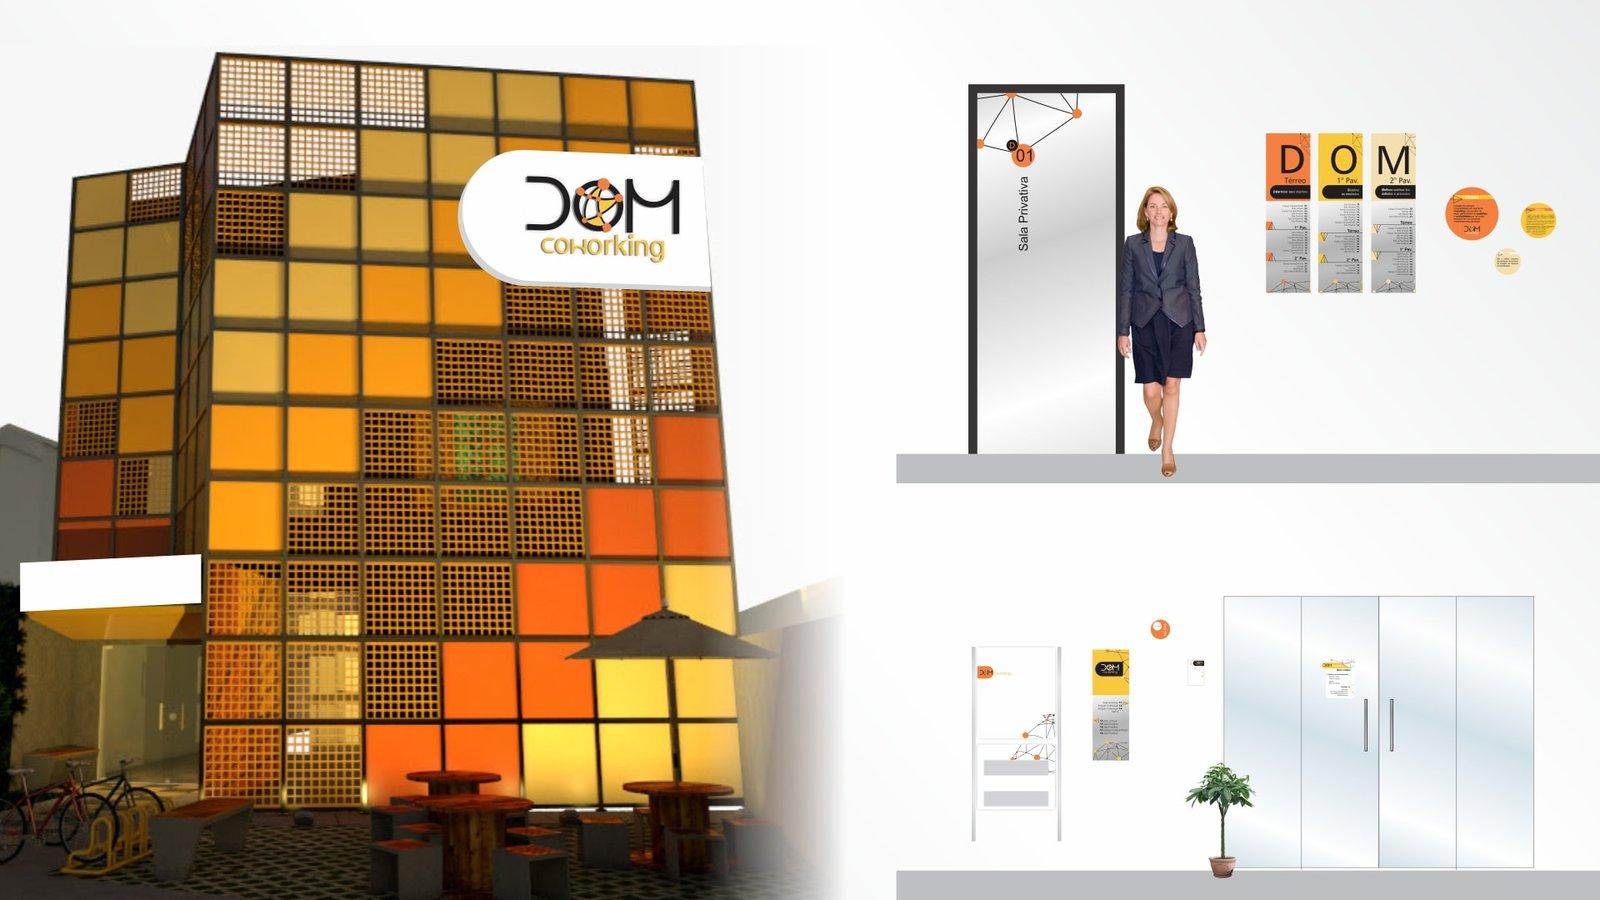 MLMS Sinalização Arquitetônica - Dom Coworking